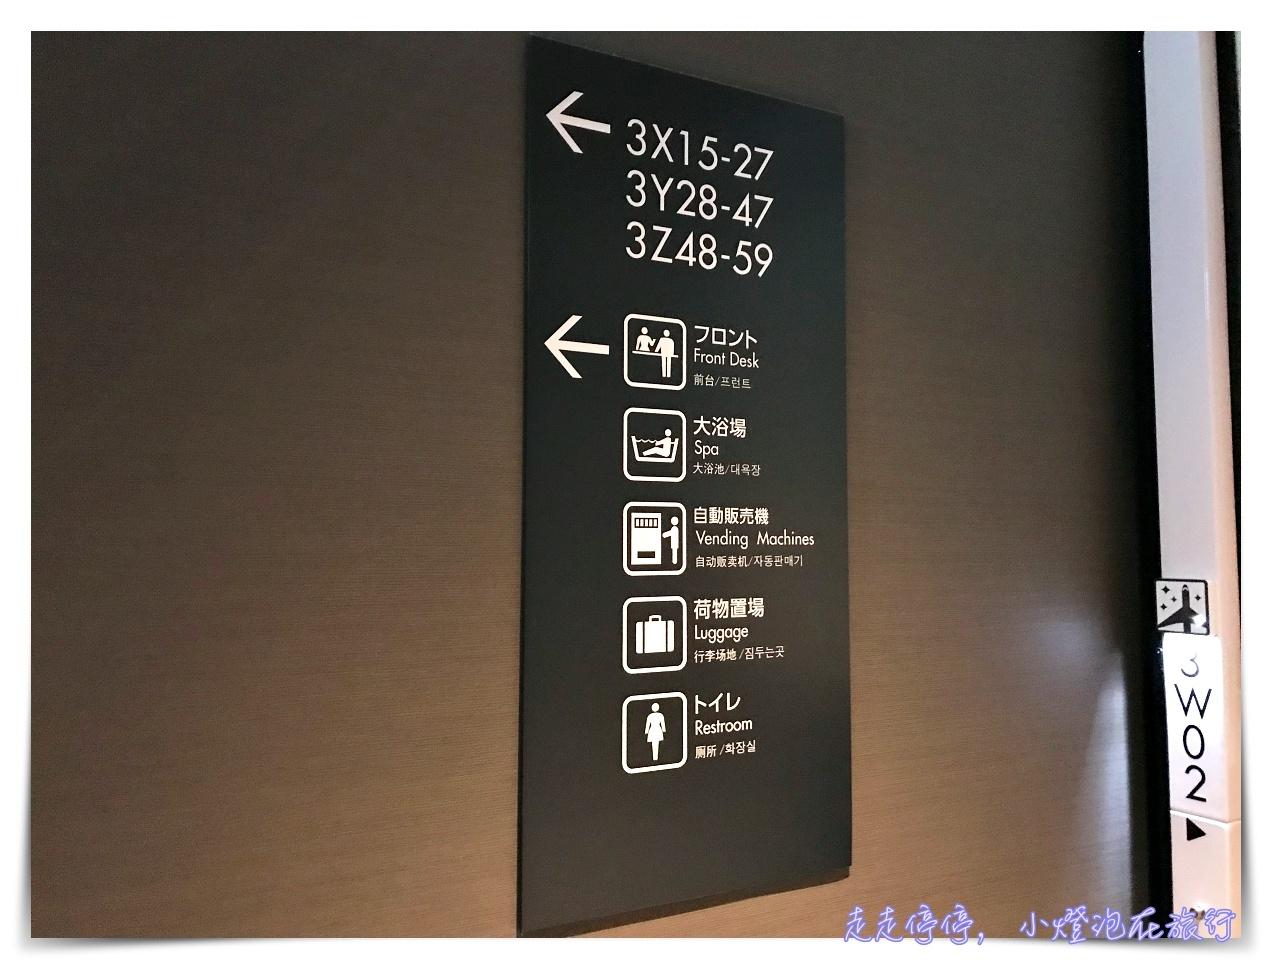 關西機場最便宜住宿|First Cabin Kansai Airport頭等艙旅館,紅眼班機不再害怕搶不到休息室!可住宿、可短時休息~